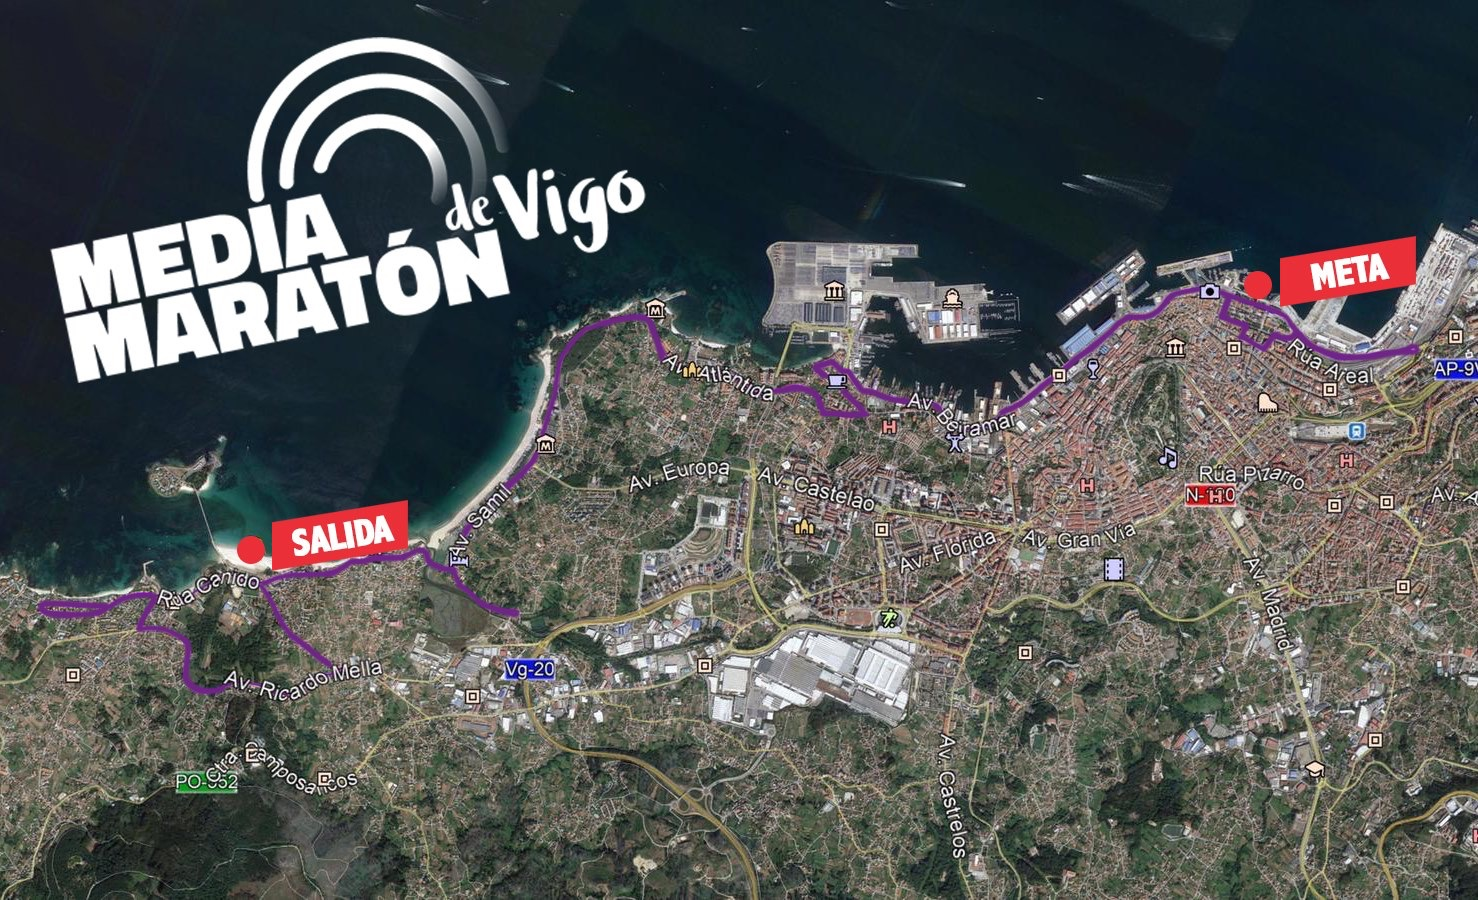 Recorrido definitivo 21 Media Maratón Vigo 17 noviembre 2019